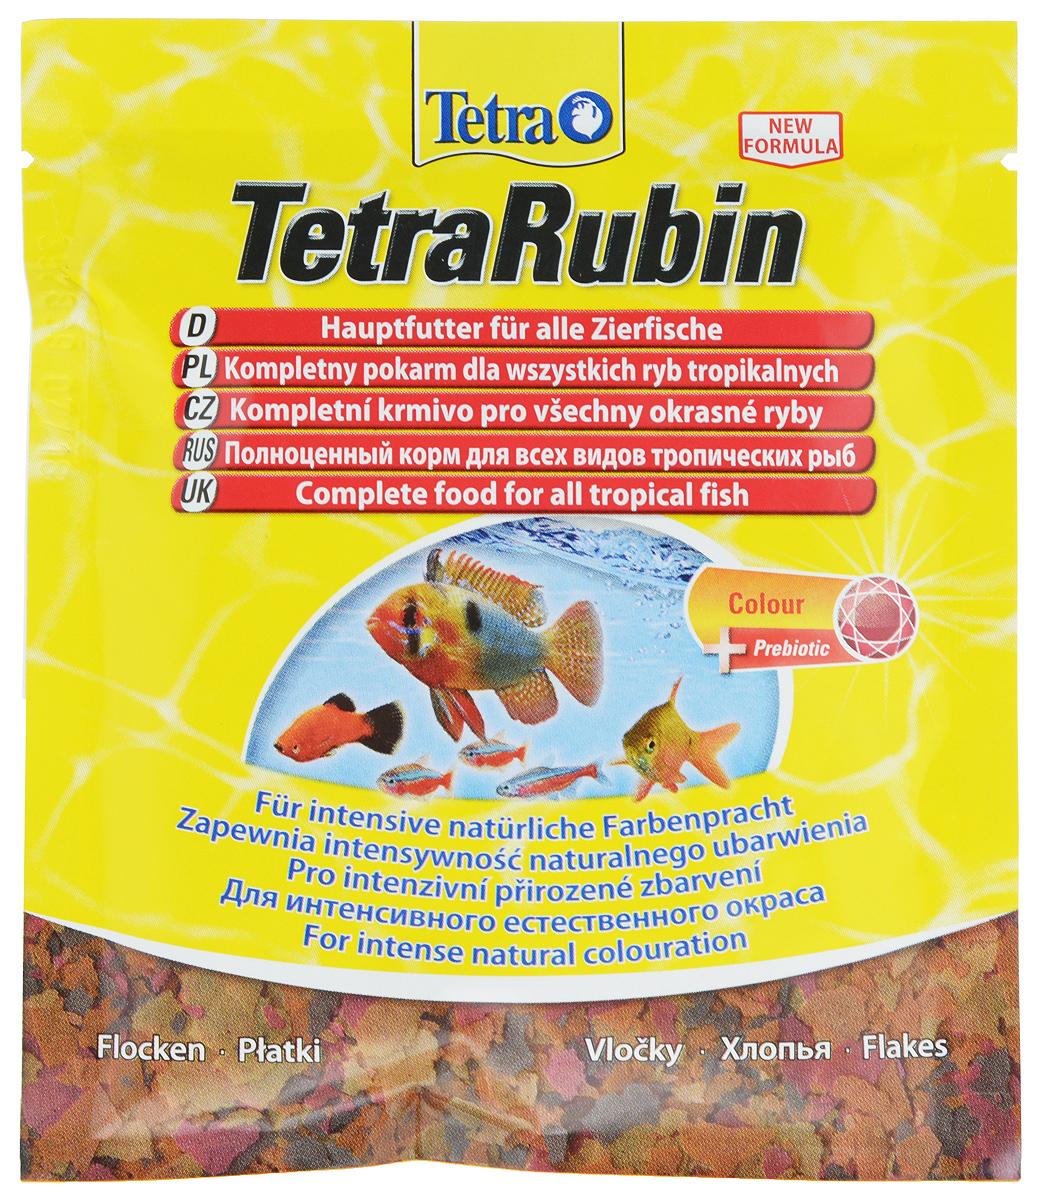 Корм Tetra TetraRubin для улучшения окраса всех видов тропических рыб, 12 г766396Корм Tetra TetraRubin - биологически сбалансированный корм в виде хлопьев с натуральными добавками для усиления естественной окраски рыб. Высокое содержание усилителей естественного цвета и специальных ингредиентов обеспечивает красивый окрас для всех красных, оранжевых и желтых тропических рыб. Эффект усиления цвета заметен уже через две недели кормления. Корм содержит полноценный сбалансированный комплекс витаминов, питательных веществ и микроэлементов. Запатентованная БиоАктив-формула поддерживает работоспособность иммунной системы, обеспечивая высокую продолжительность жизни. Стабилизированный витамин С обеспечивает повышенную устойчивость организма рыбы к болезням, ускоряет рост и устраняет симптомы болезней, связанных с недоеданием. Кормить несколько раз в день небольшими порциями. Состав: рыба и побочные рыбные продукты, зерновые культуры, дрожжи, экстракты растительного белка, моллюски и раки, масла и жиры, сахар (олигофруктоза 0,9%),...